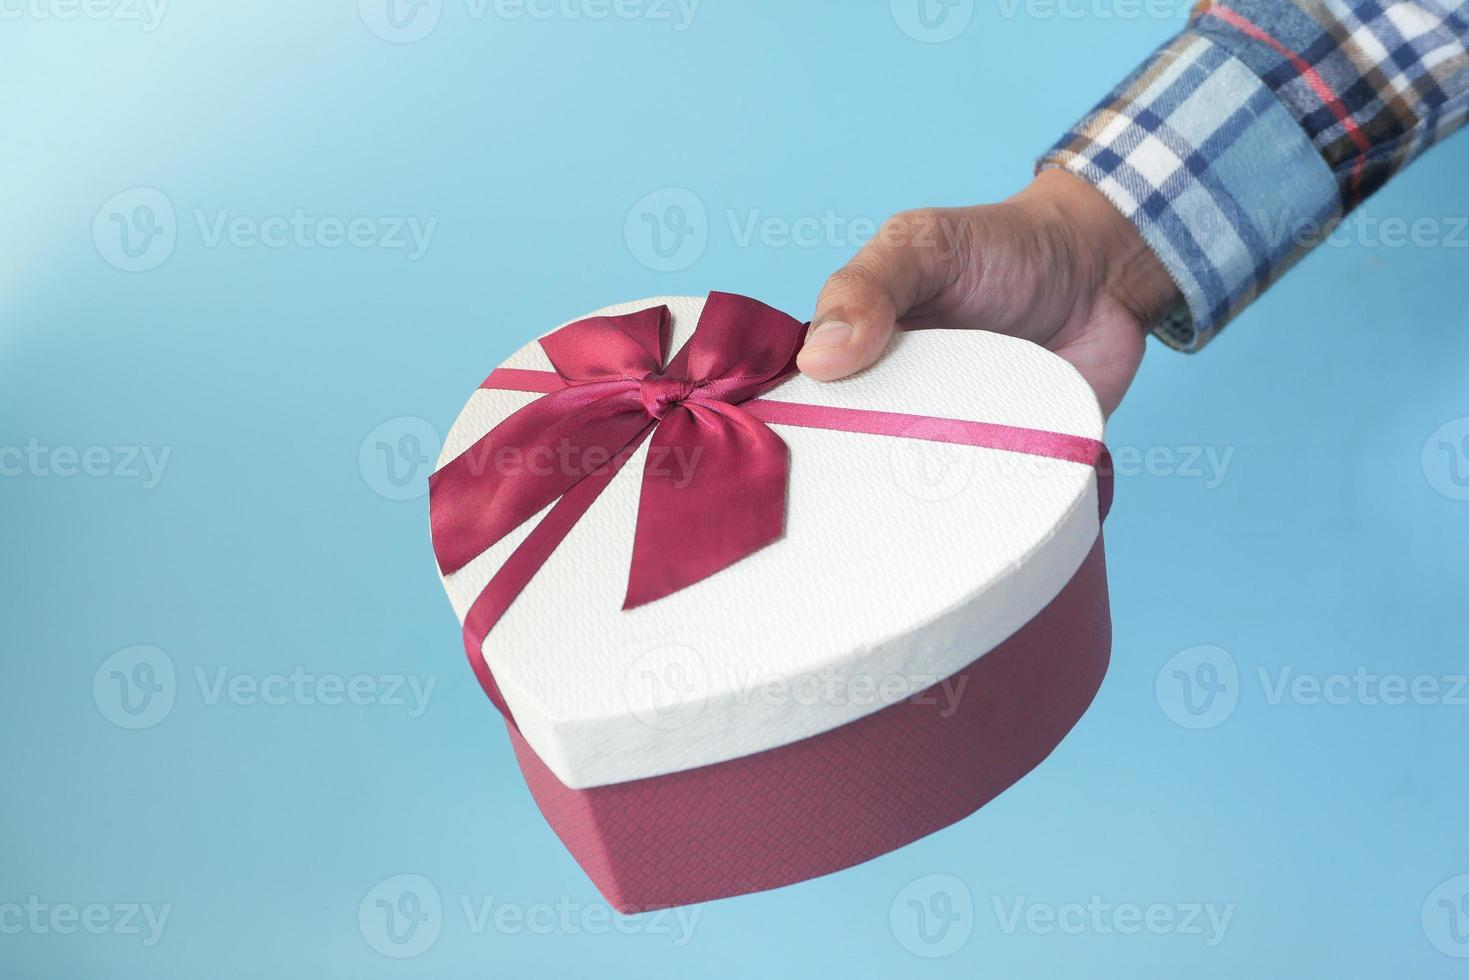 main de l'homme tenant une boîte cadeau en forme de coeur photo